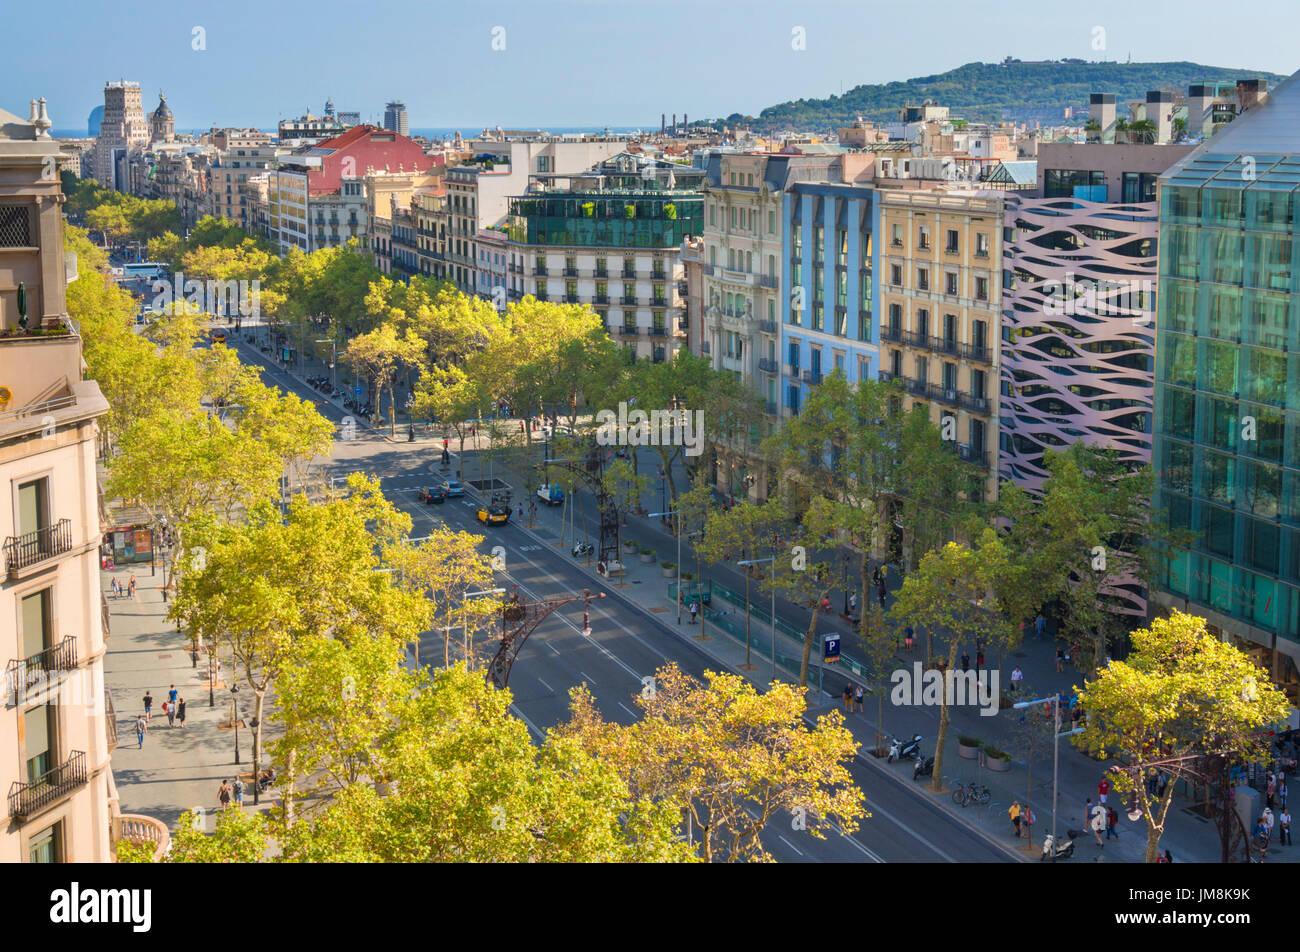 Barcelona España Catalunya ocupado arbolada avenida Passeig de Gràcia Boulevard en el barrio de L'Eixample de Barcelona España ue Europa Cataluña Imagen De Stock